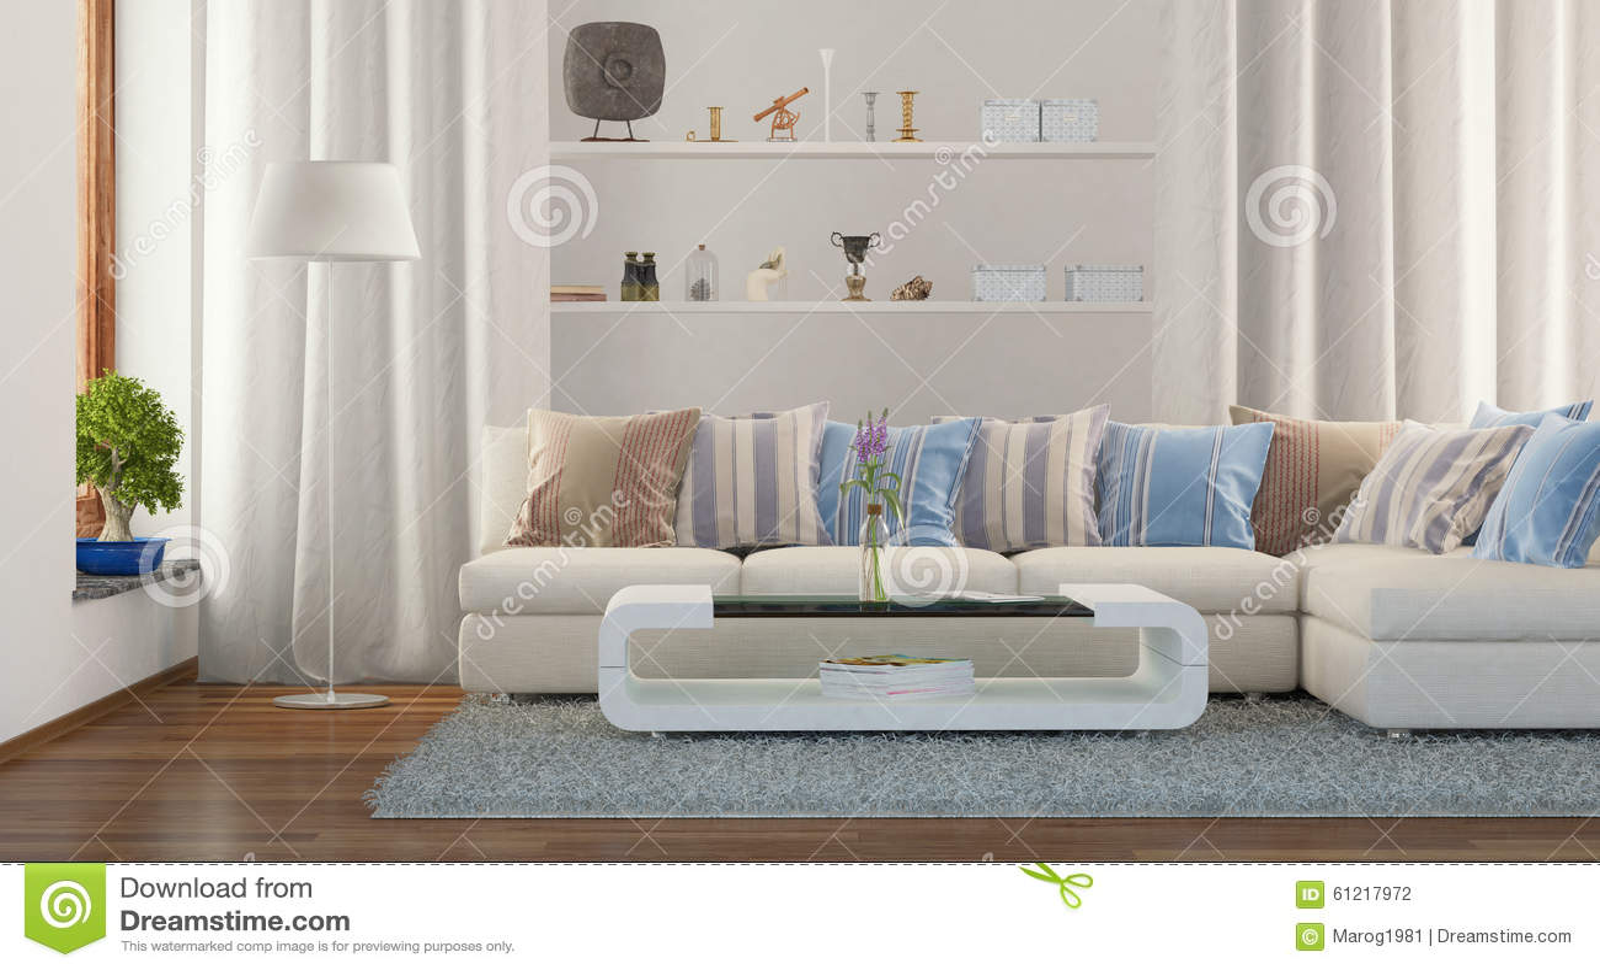 3d Fußboden Wohnzimmer ~ D modernes wohnzimmer stockfoto bild von fußboden